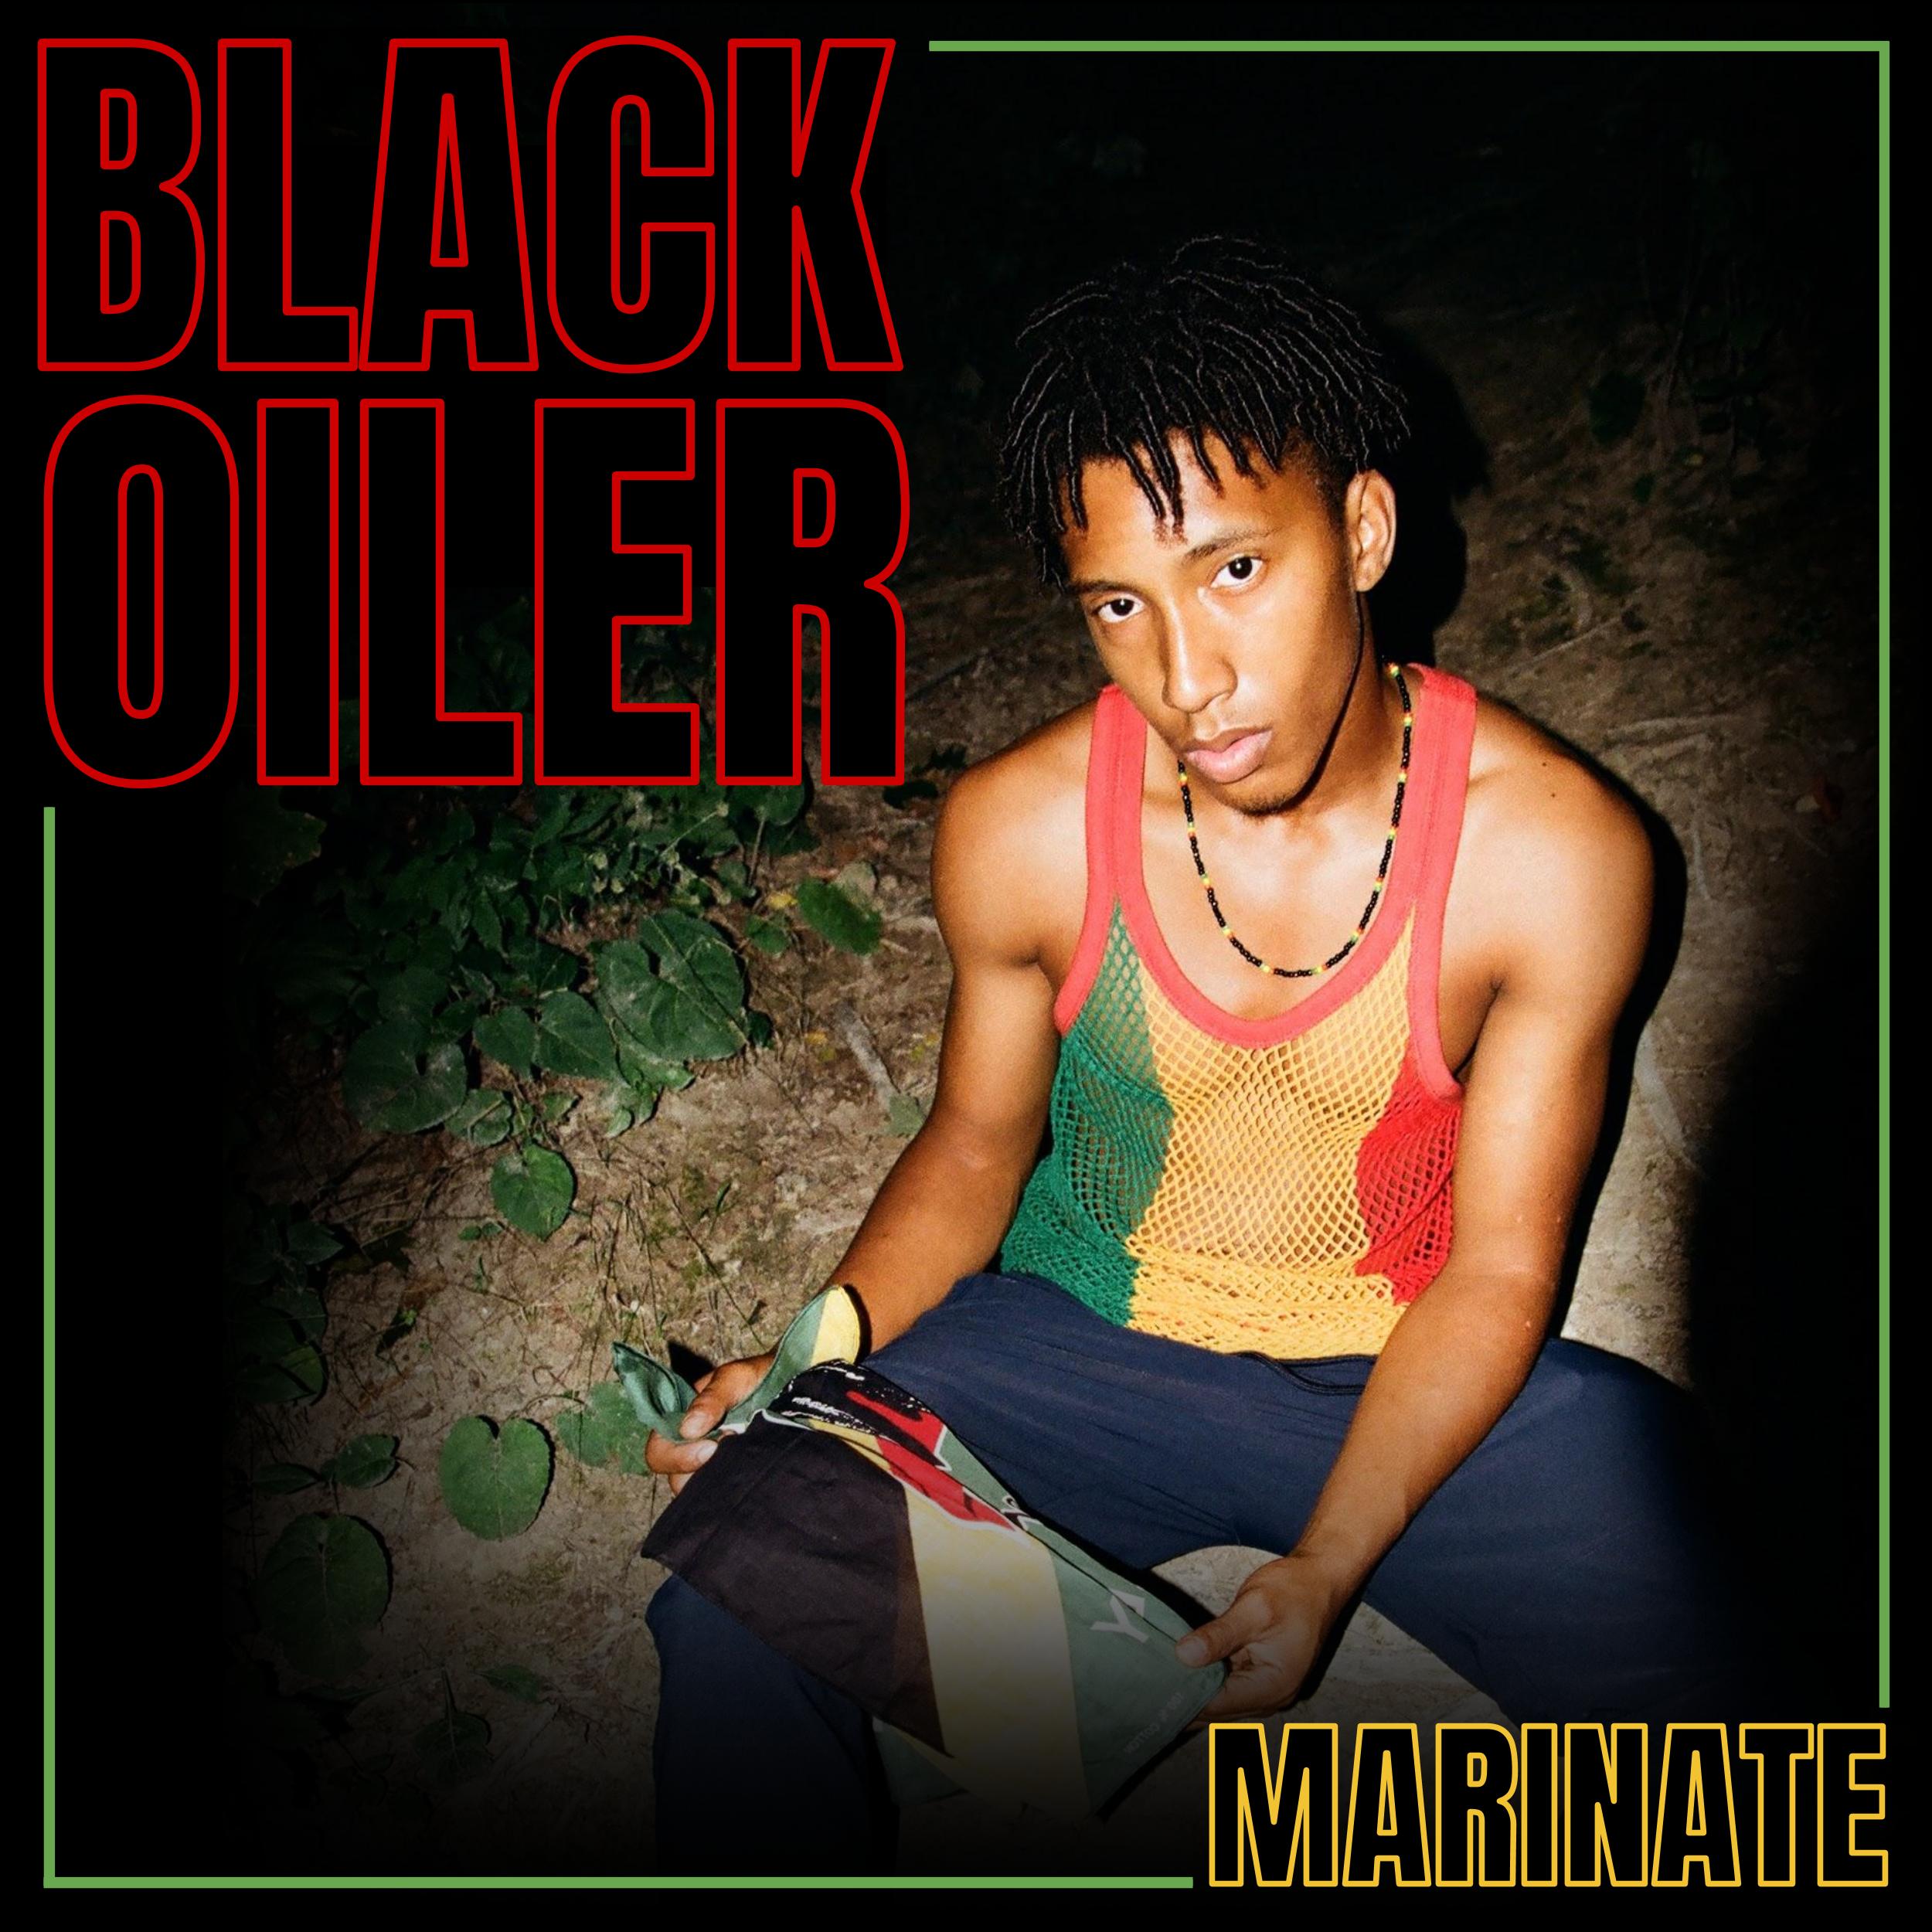 BLACK OUILER FRONT.png